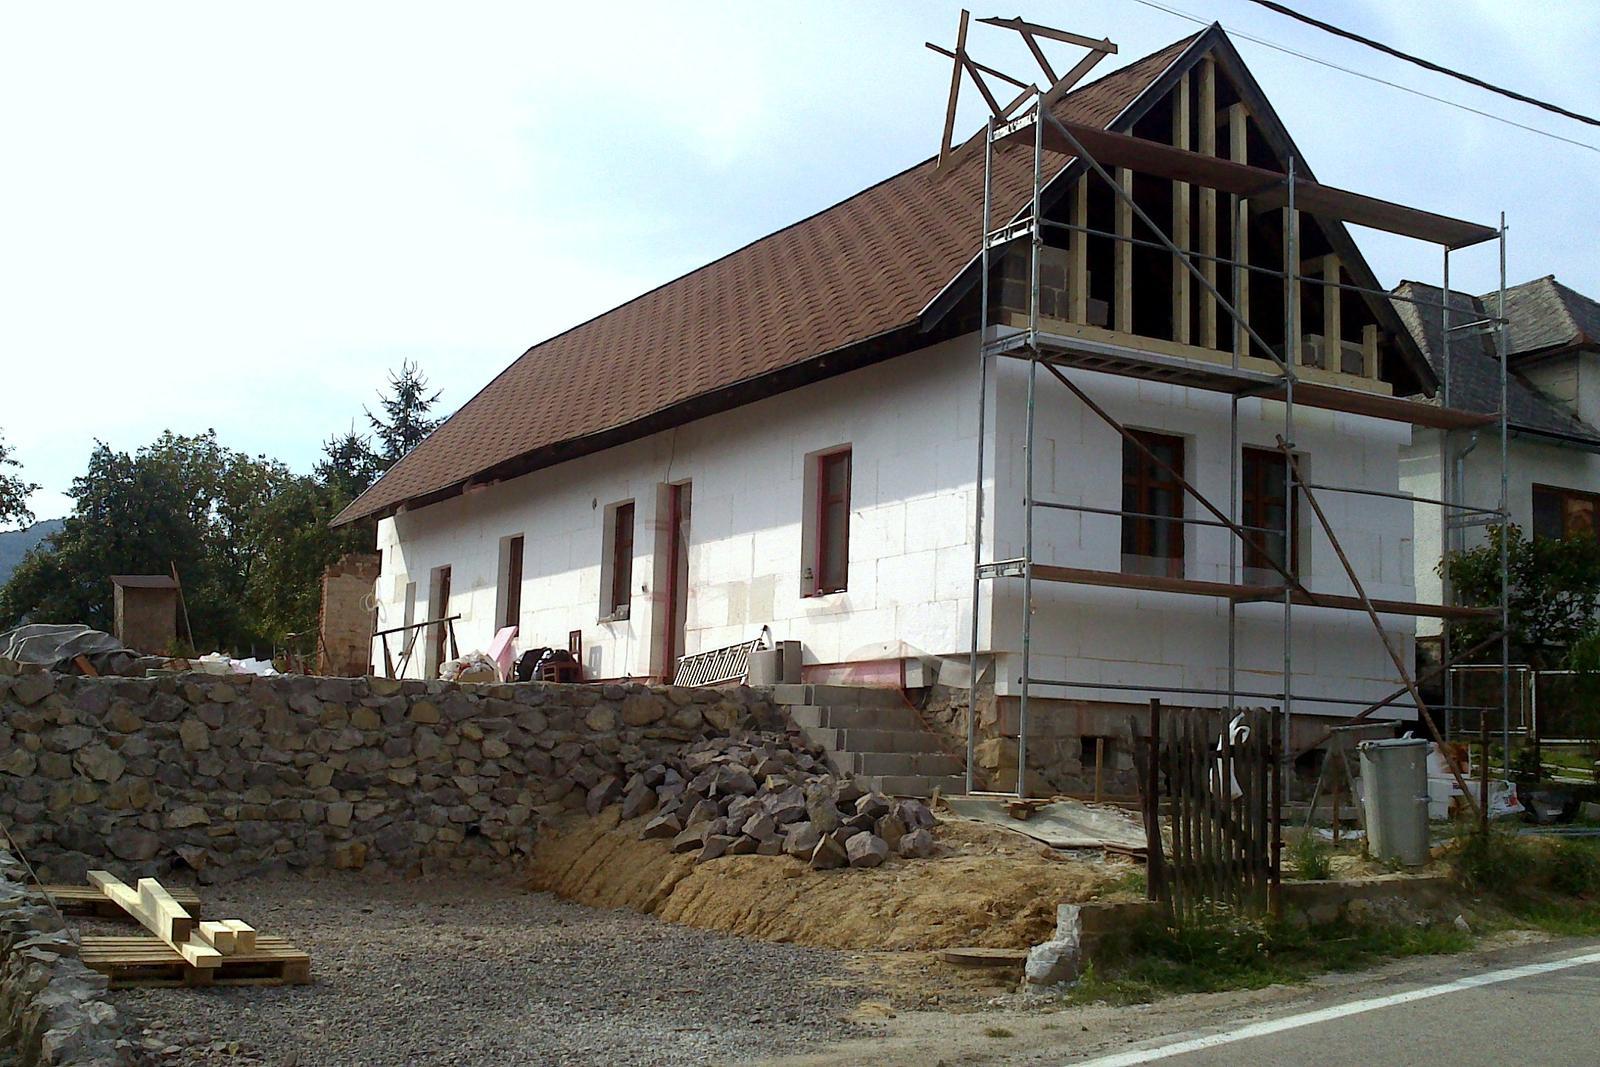 Rekonštrukcia domčeka z roku 1937 - A začína sa zatepľovať. Hrúbka polystyrénu: 18 cm. To sa však vnútri medzitým udiali významné zmeny